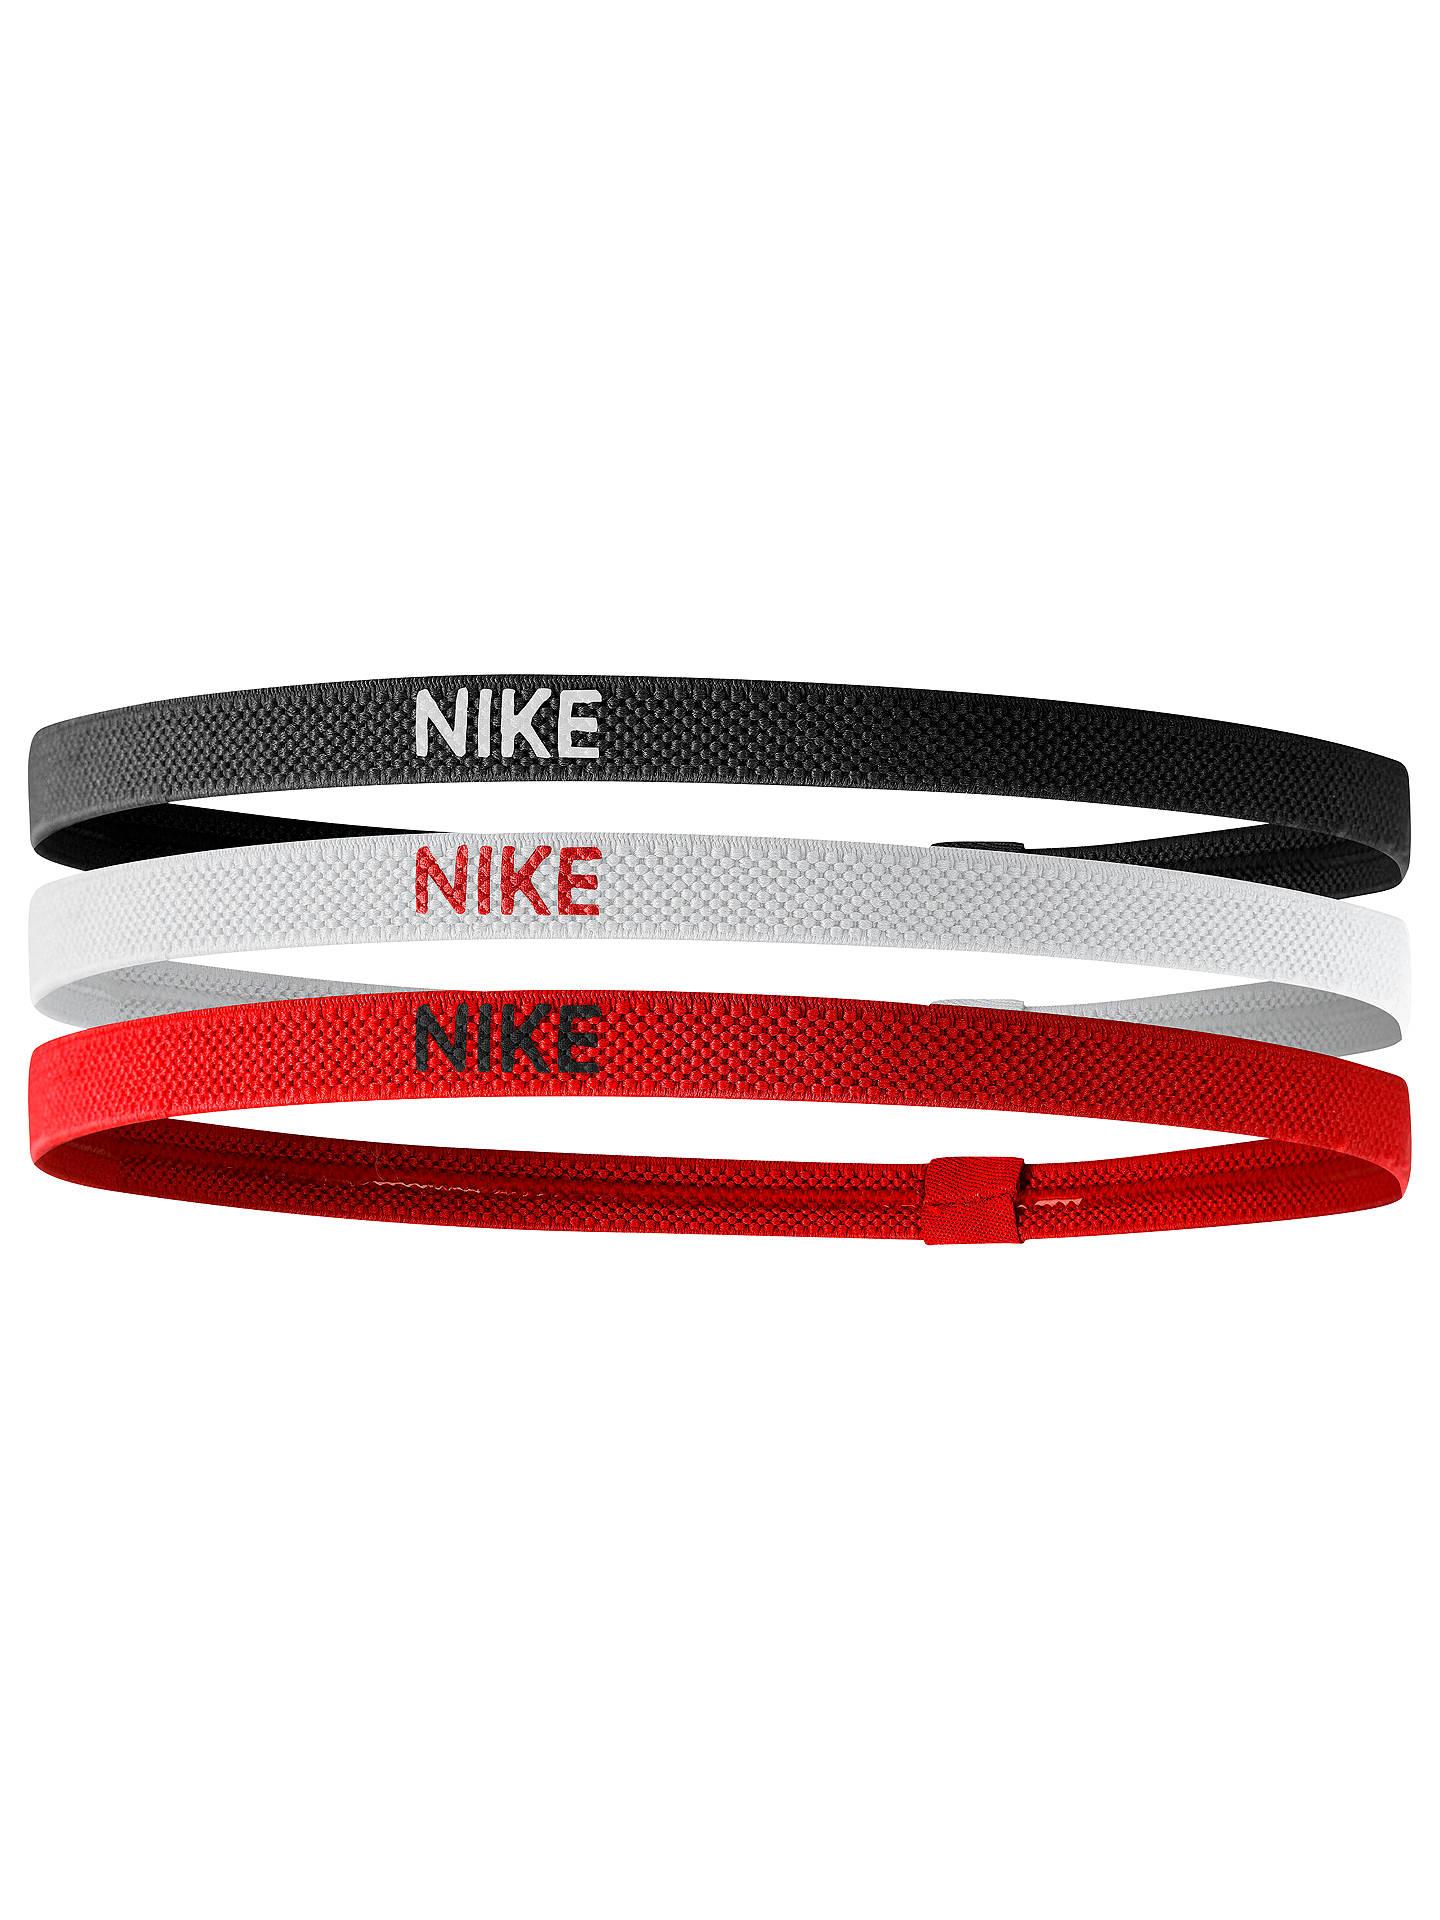 BuyNike Elastic Headband 2bc4c9193a8